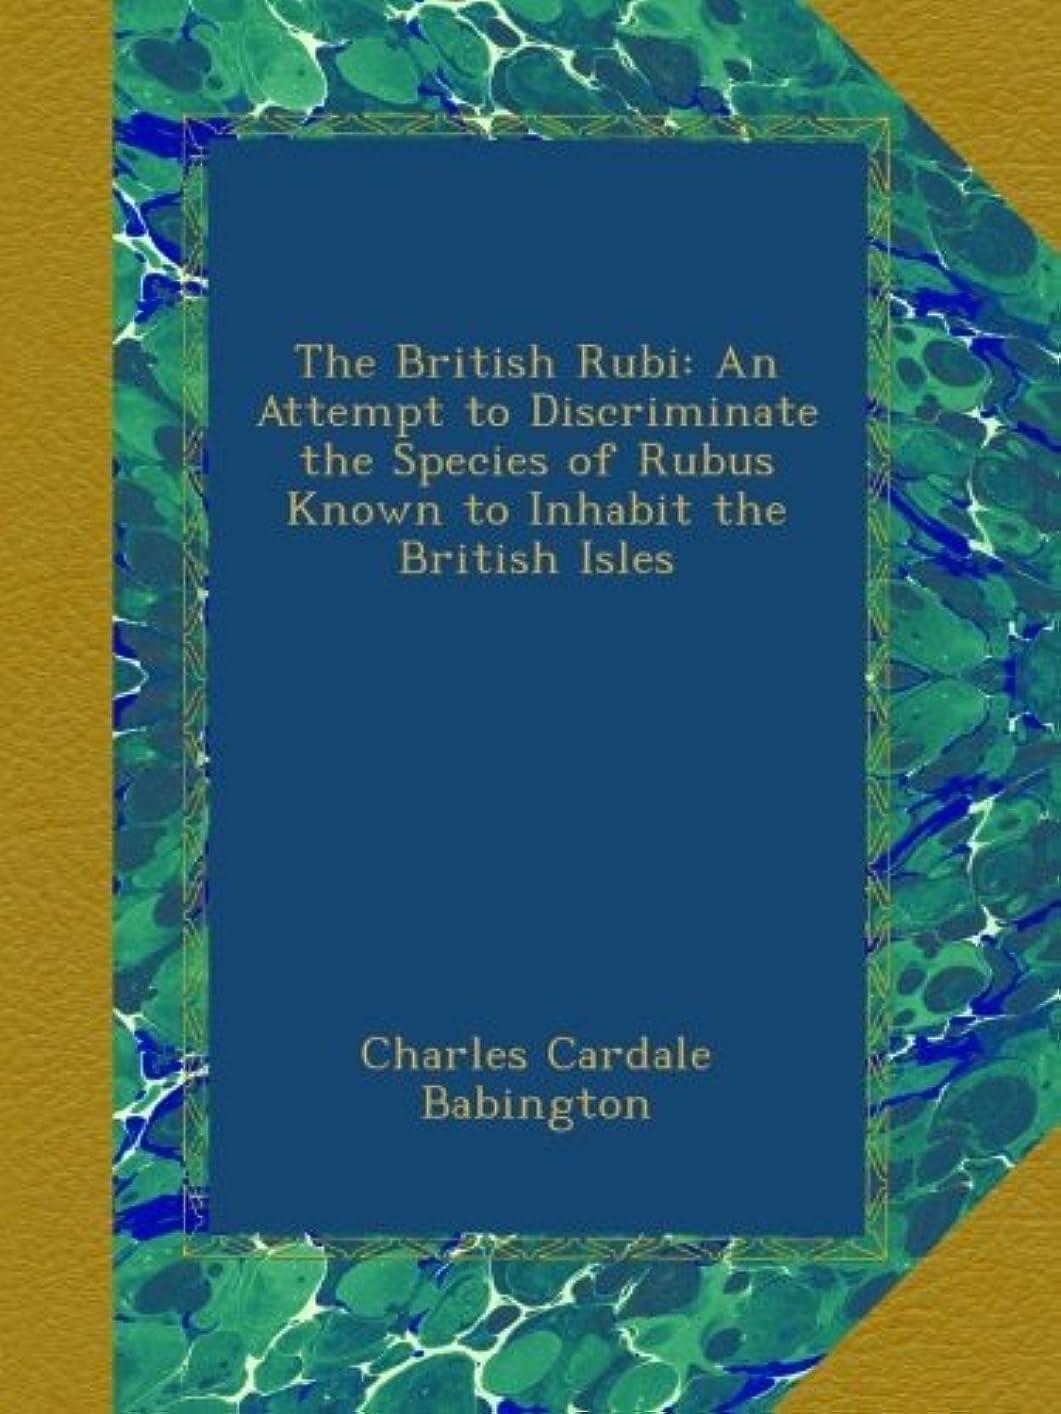 アパート多数の方向The British Rubi: An Attempt to Discriminate the Species of Rubus Known to Inhabit the British Isles